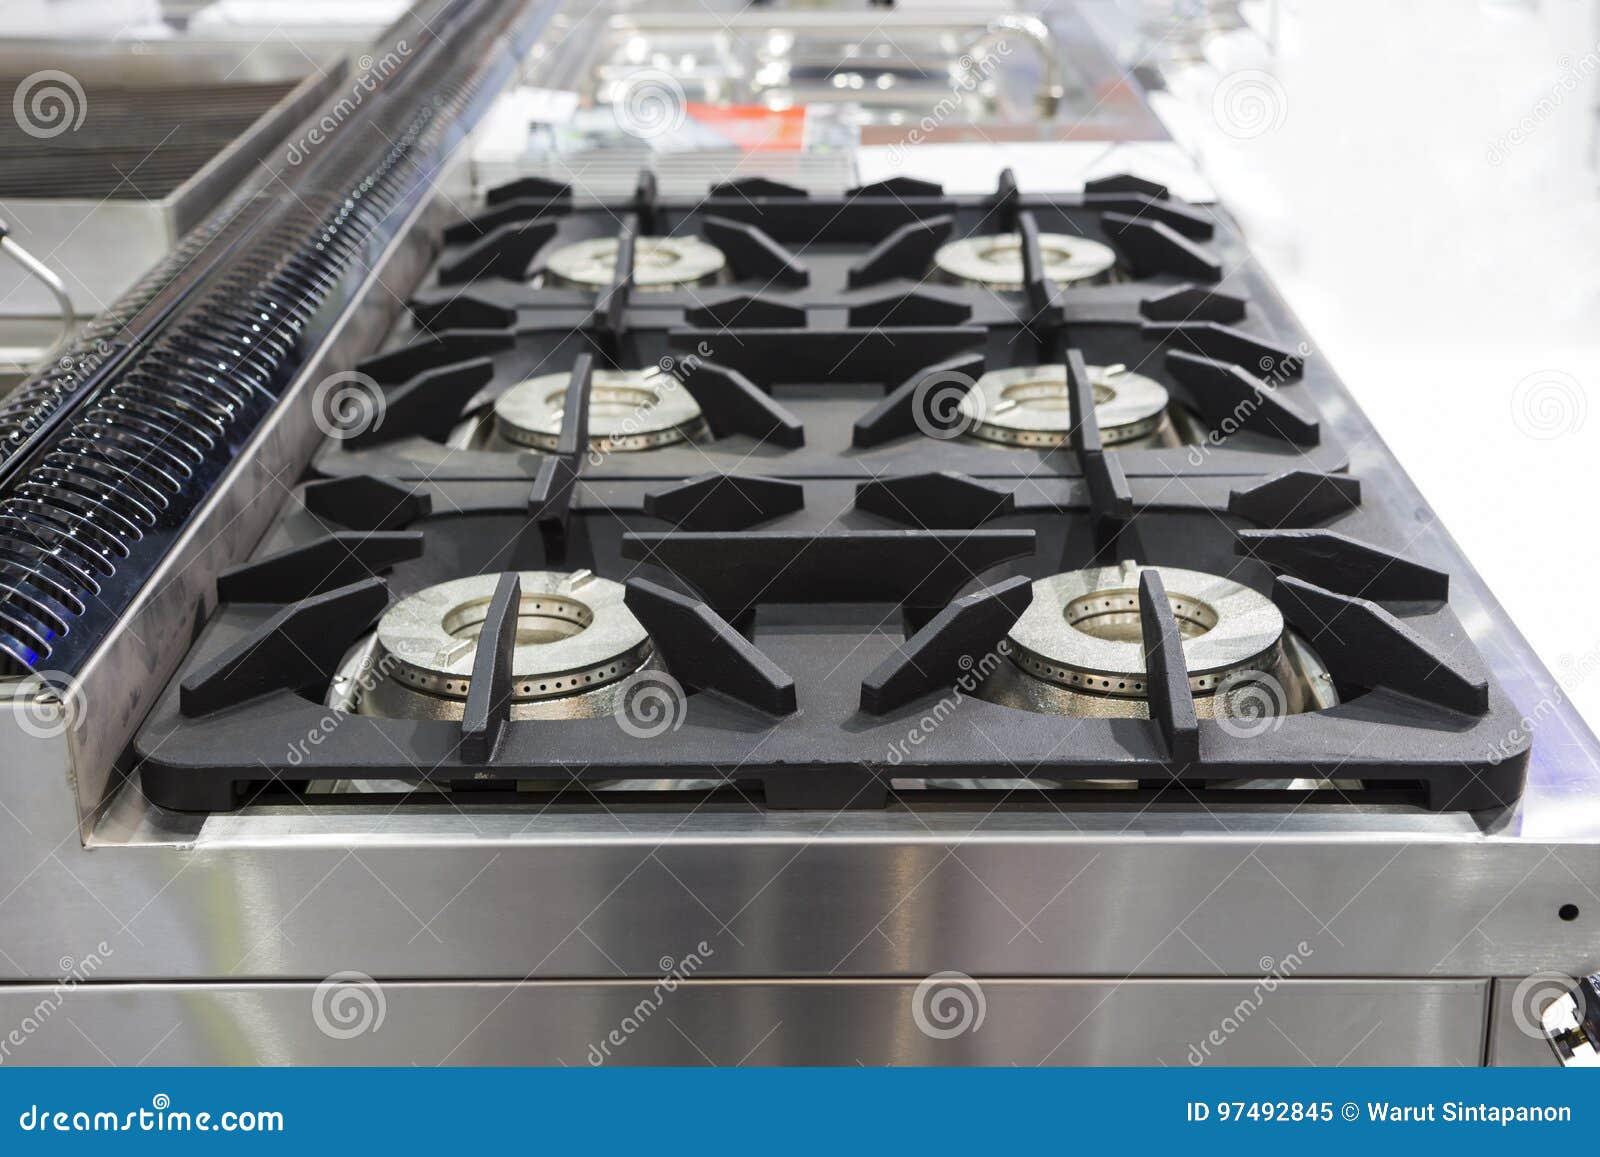 Fornello di gas bruciante della cucina; articolo da cucina moderno